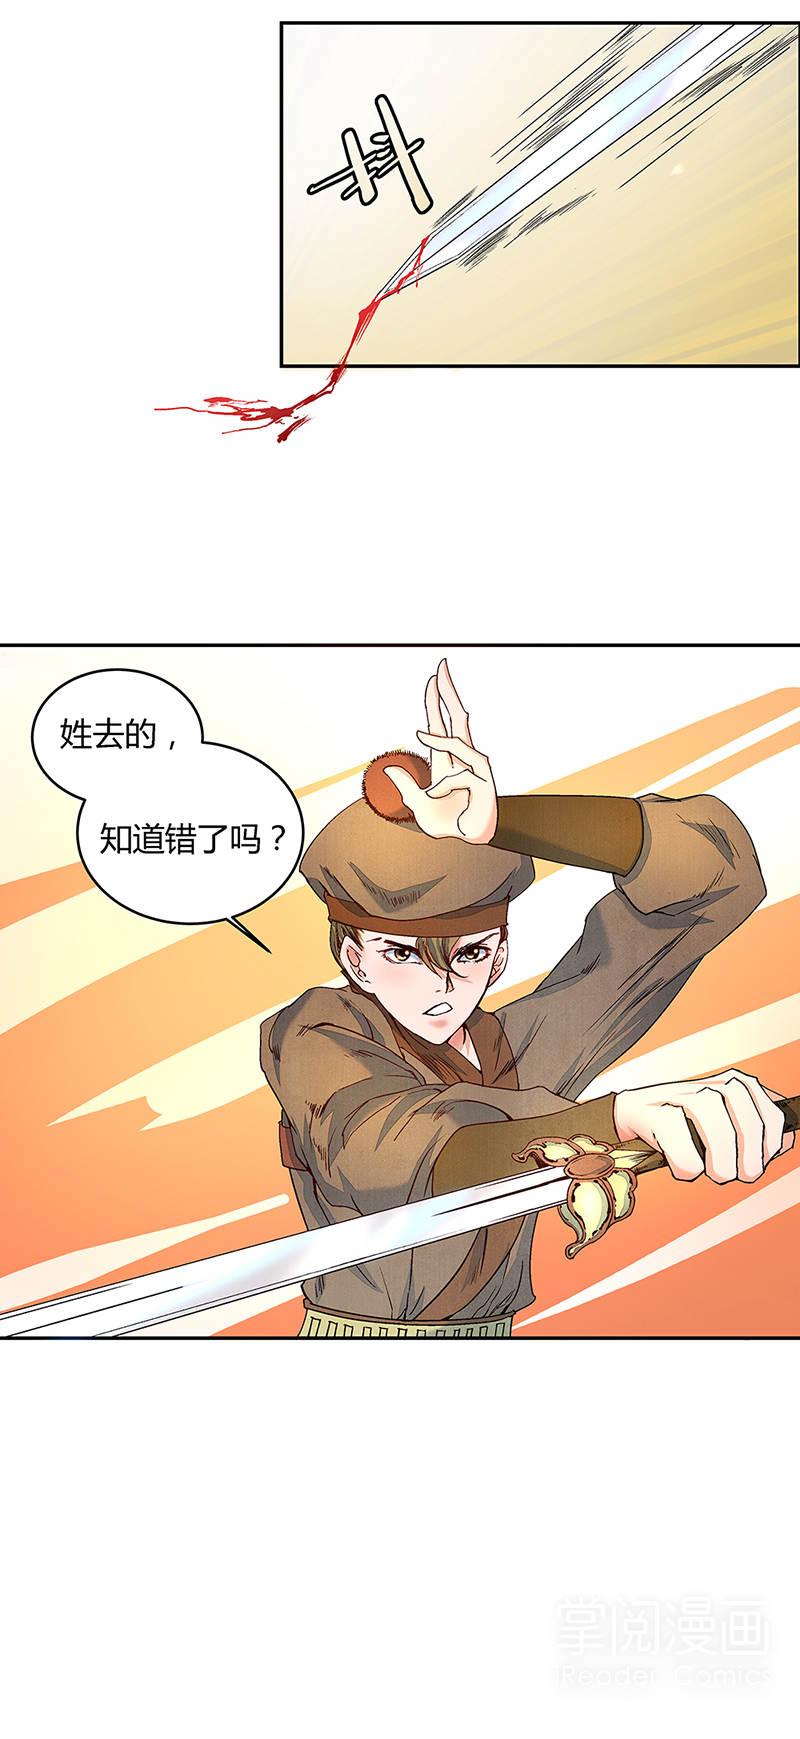 逍遥游第31话  轩皓双杰斗双寇 第 13